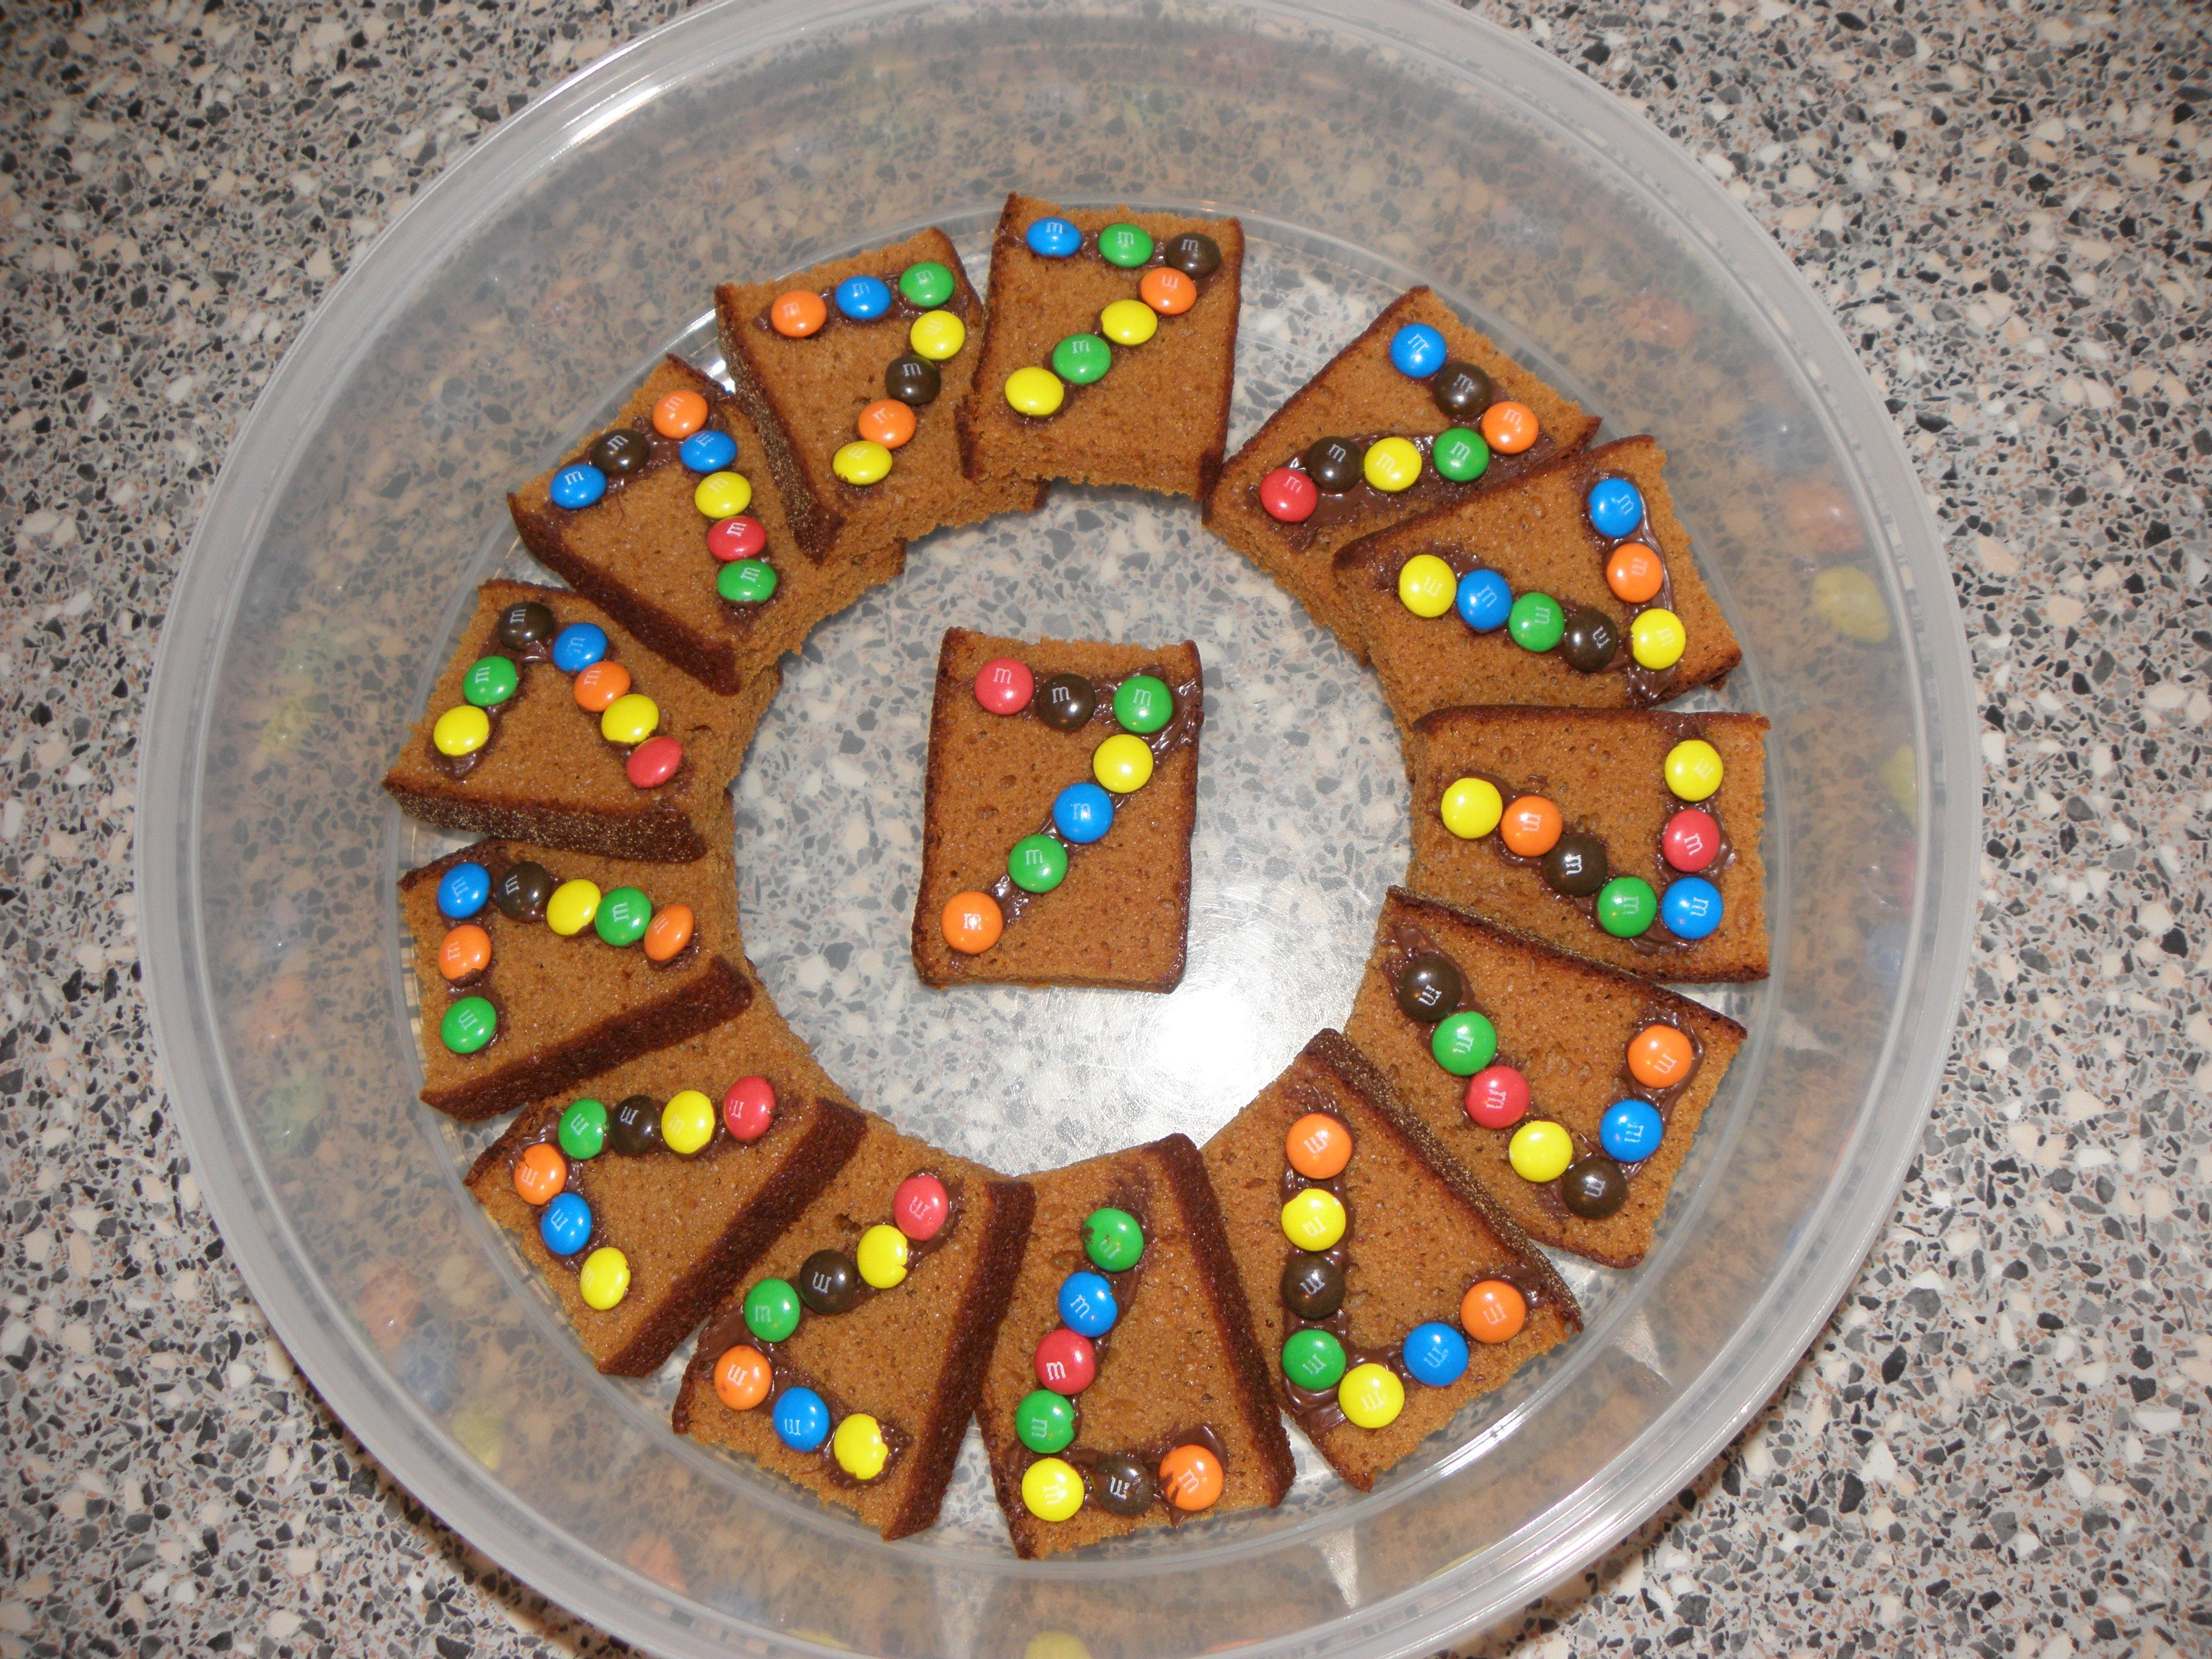 smarties (oid) met chocopasta plakken op ontbijtkoek (bijv ... Smarties Verpakking